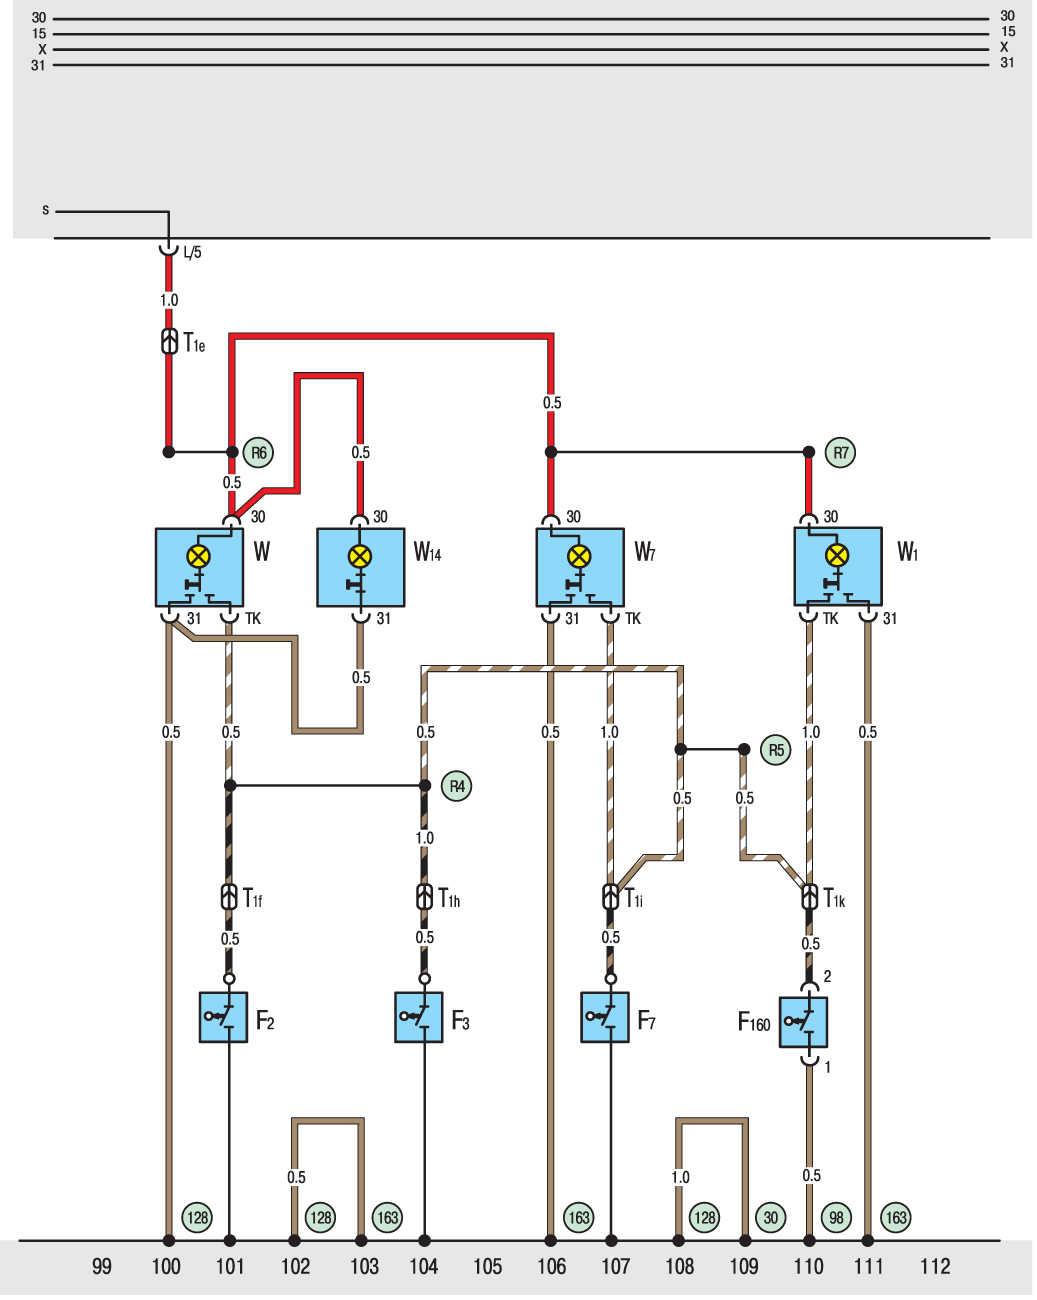 Электрическая схема т5 транспортер авито тула и область купить фольксваген транспортер